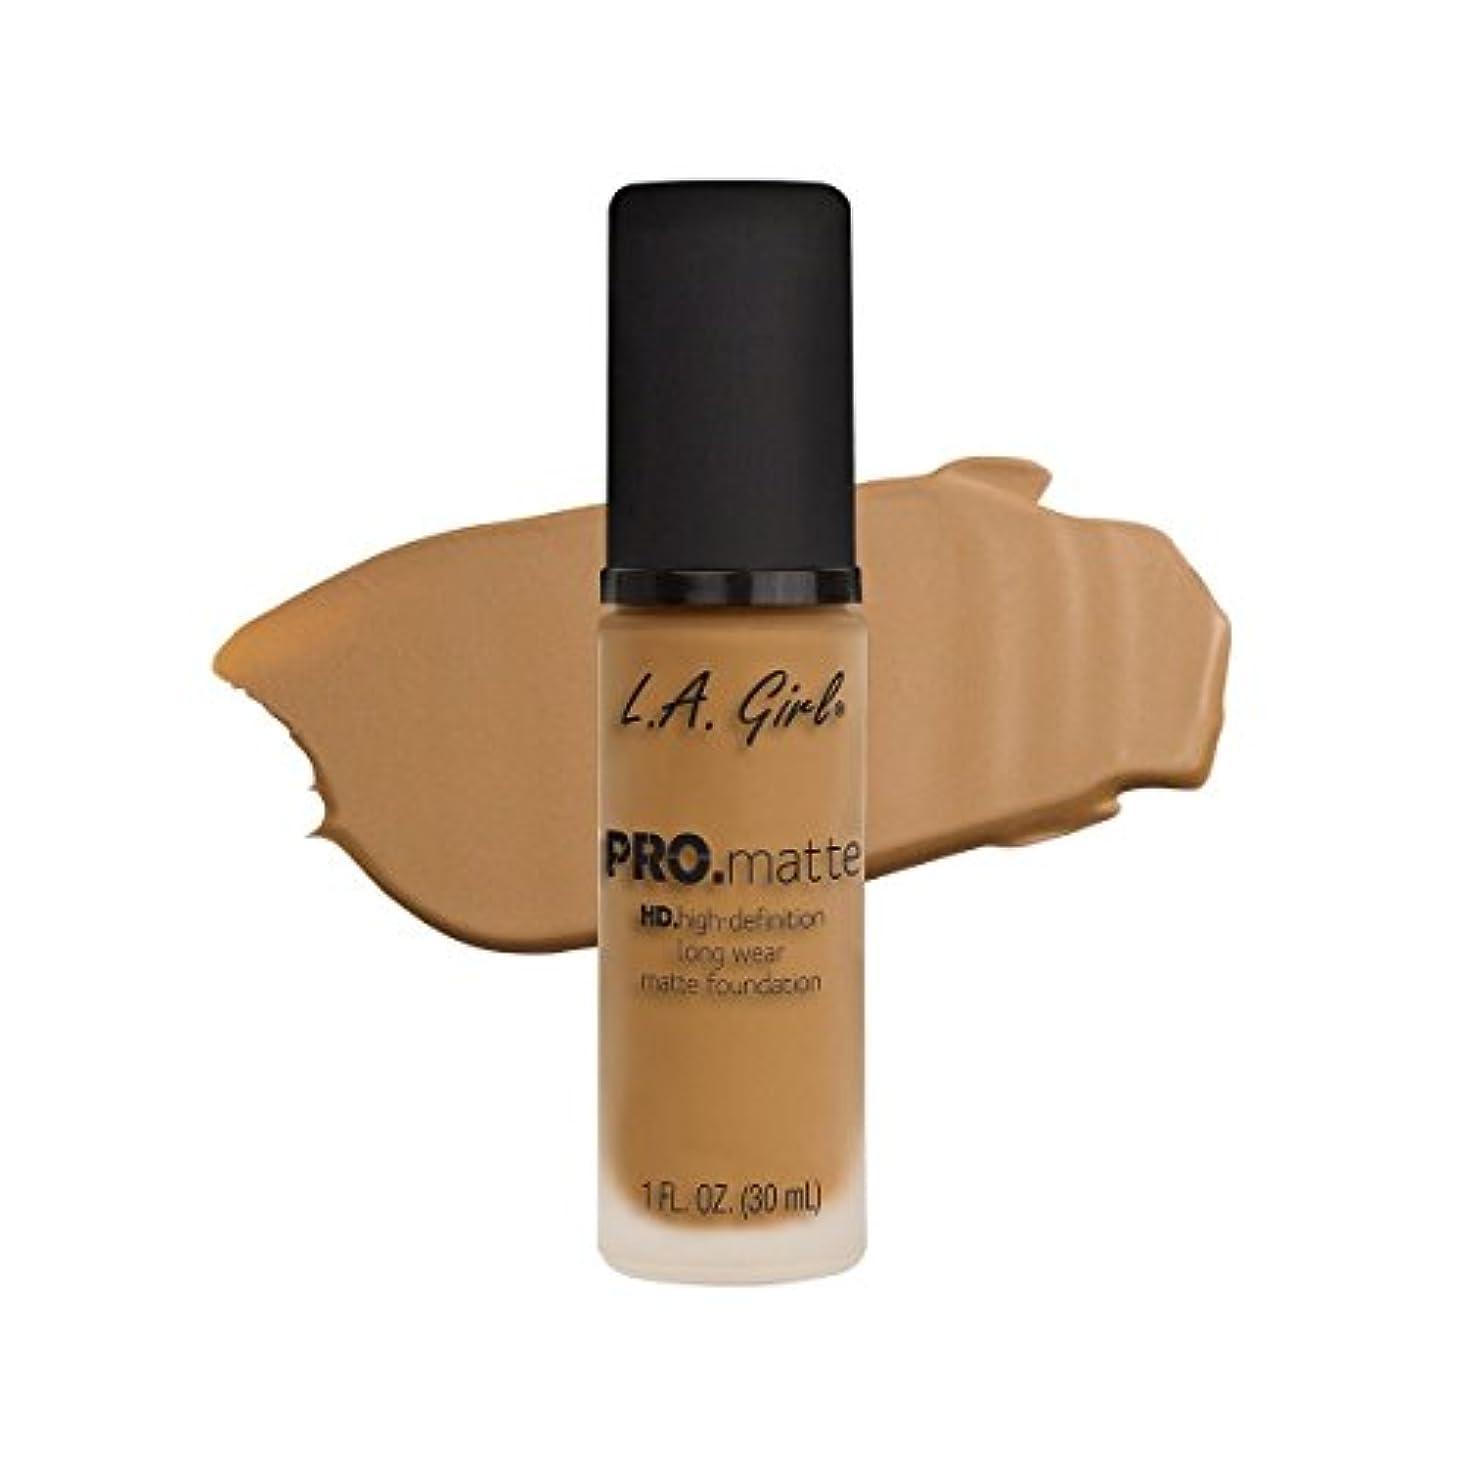 サスペンド馬鹿一瞬(6 Pack) L.A. GIRL Pro Matte Foundation - Sand (並行輸入品)